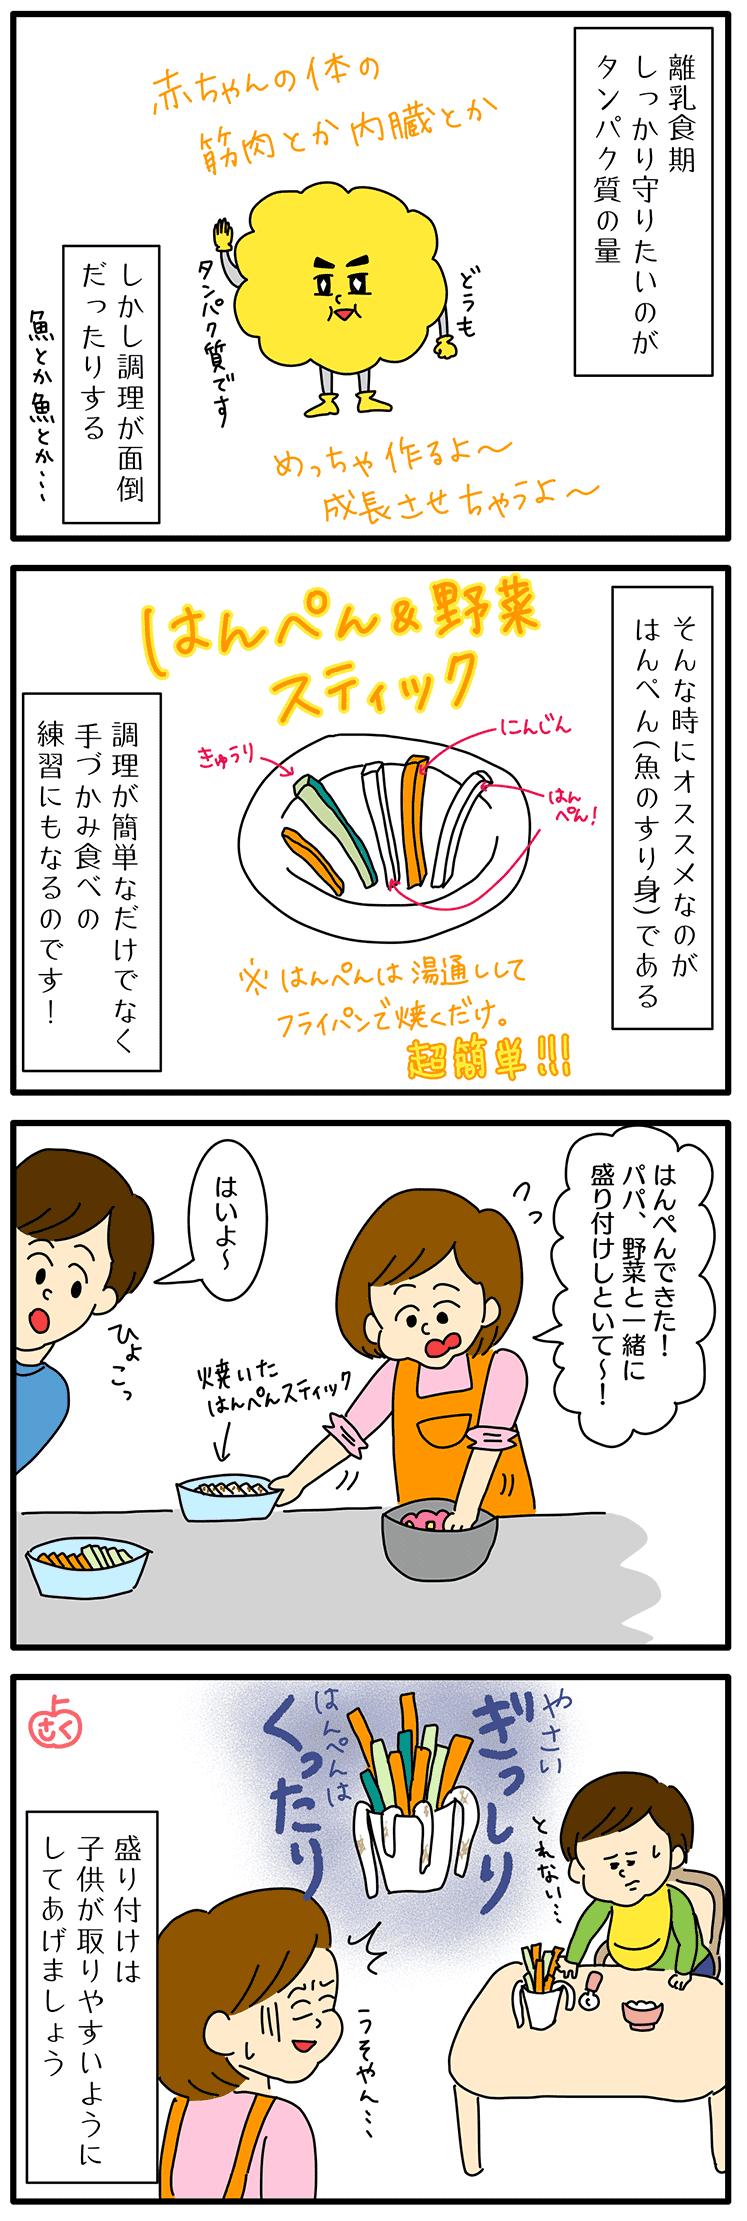 離乳食のはんぺんについての永岡さくら(saku)さんの子育て4コマ漫画